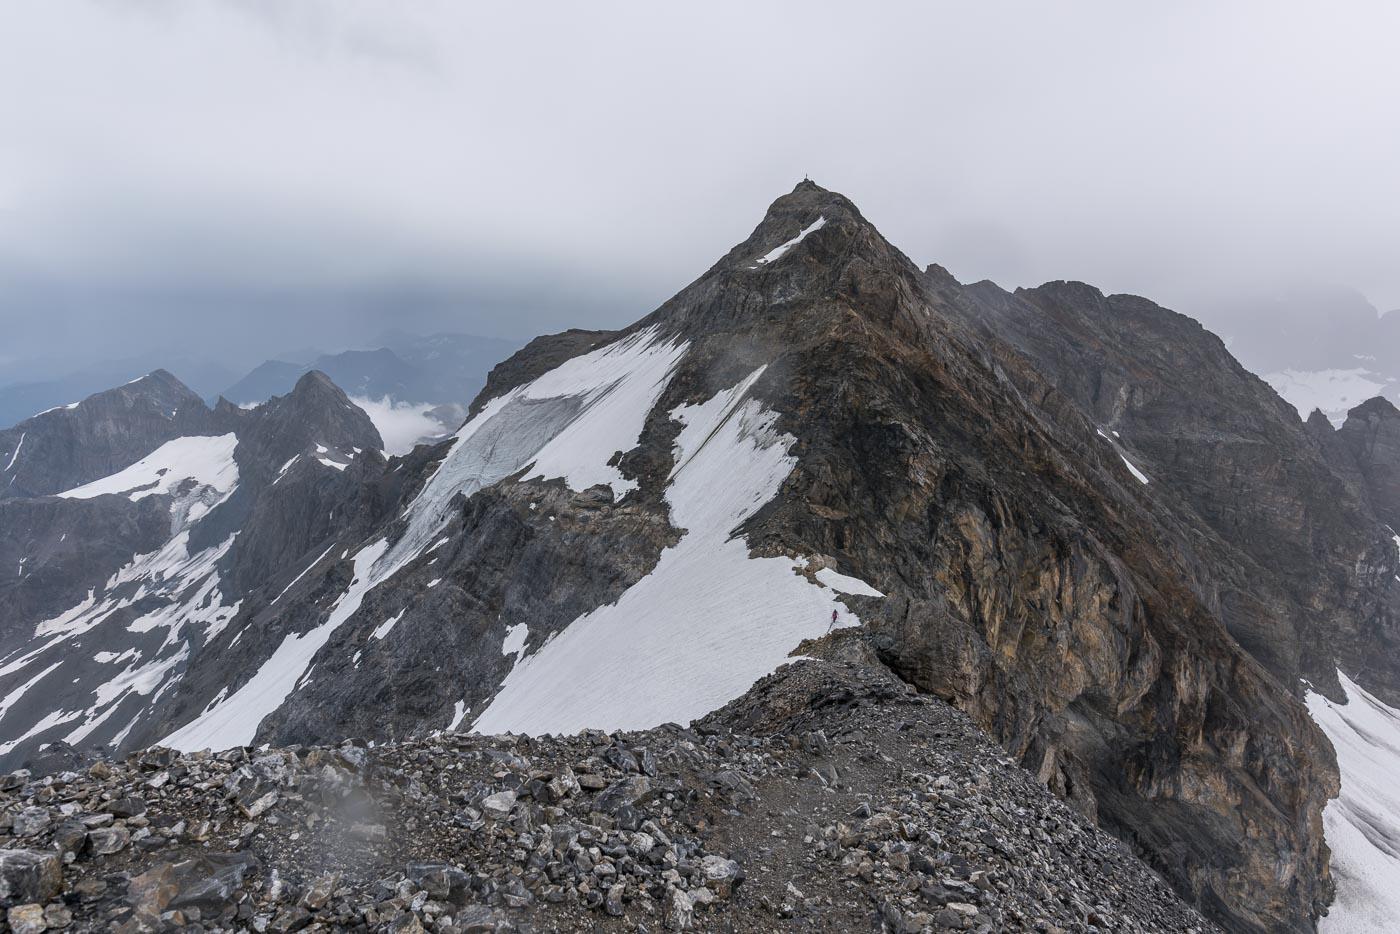 Grat zum Clariden 3'267 m ü. M.